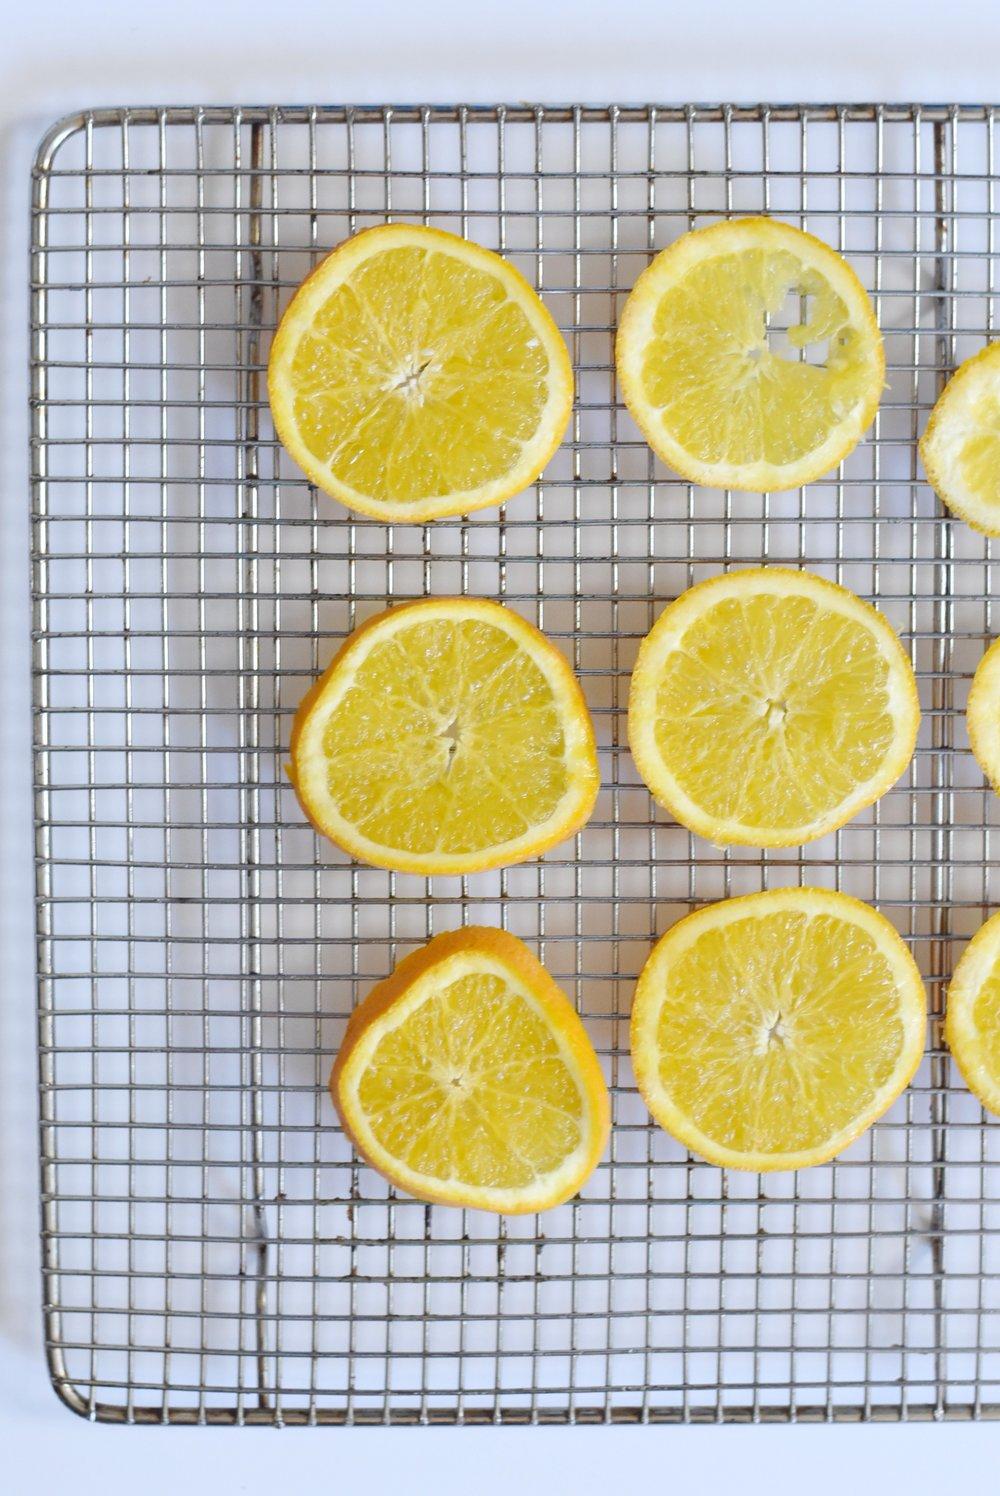 Dry Oranges